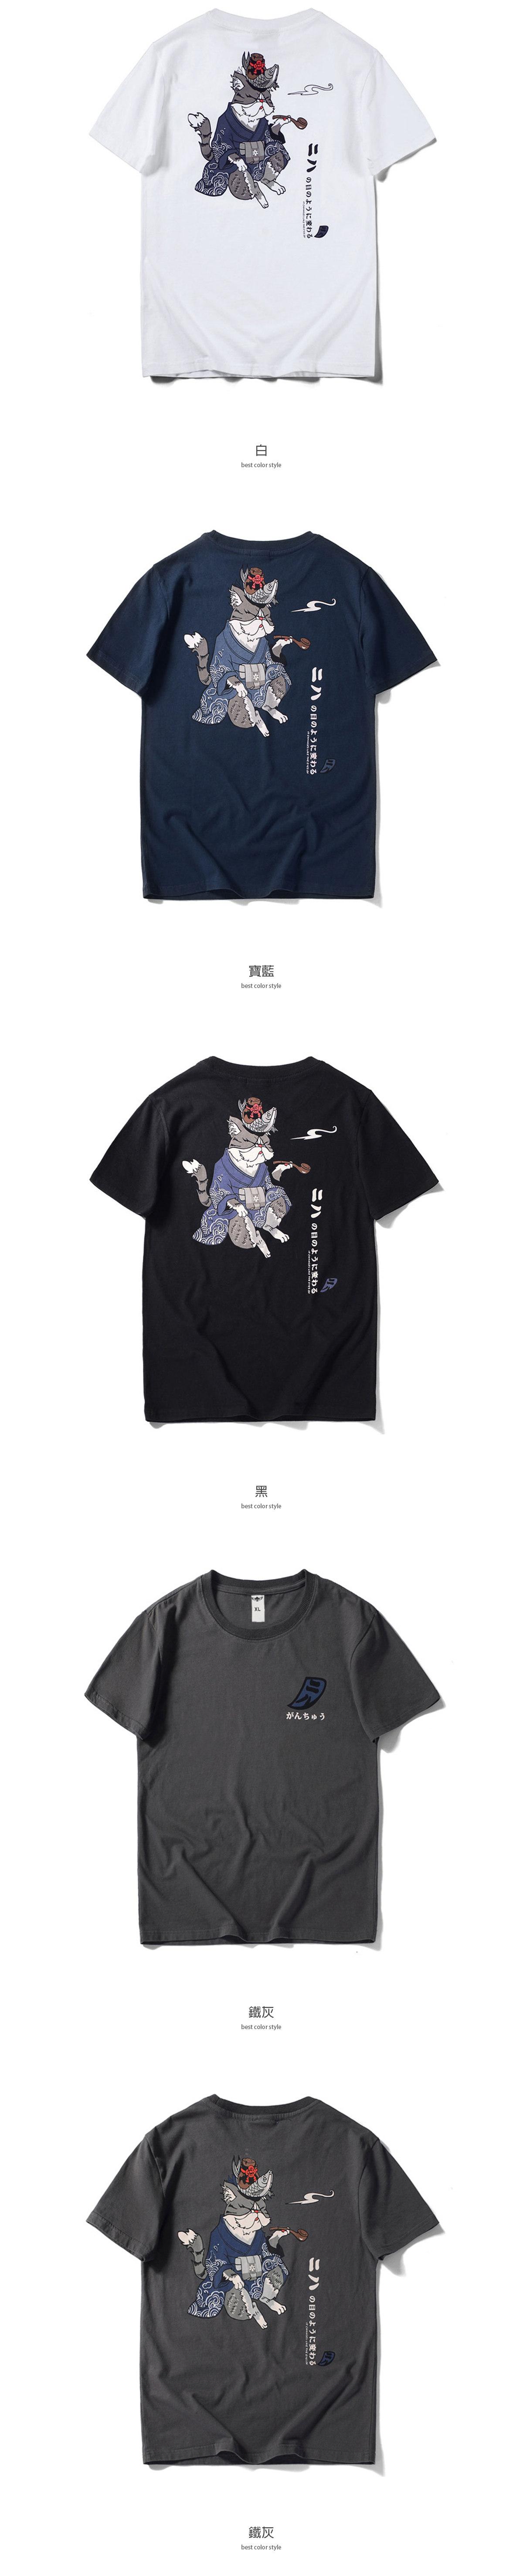 日系煙斗貓印花短袖T恤